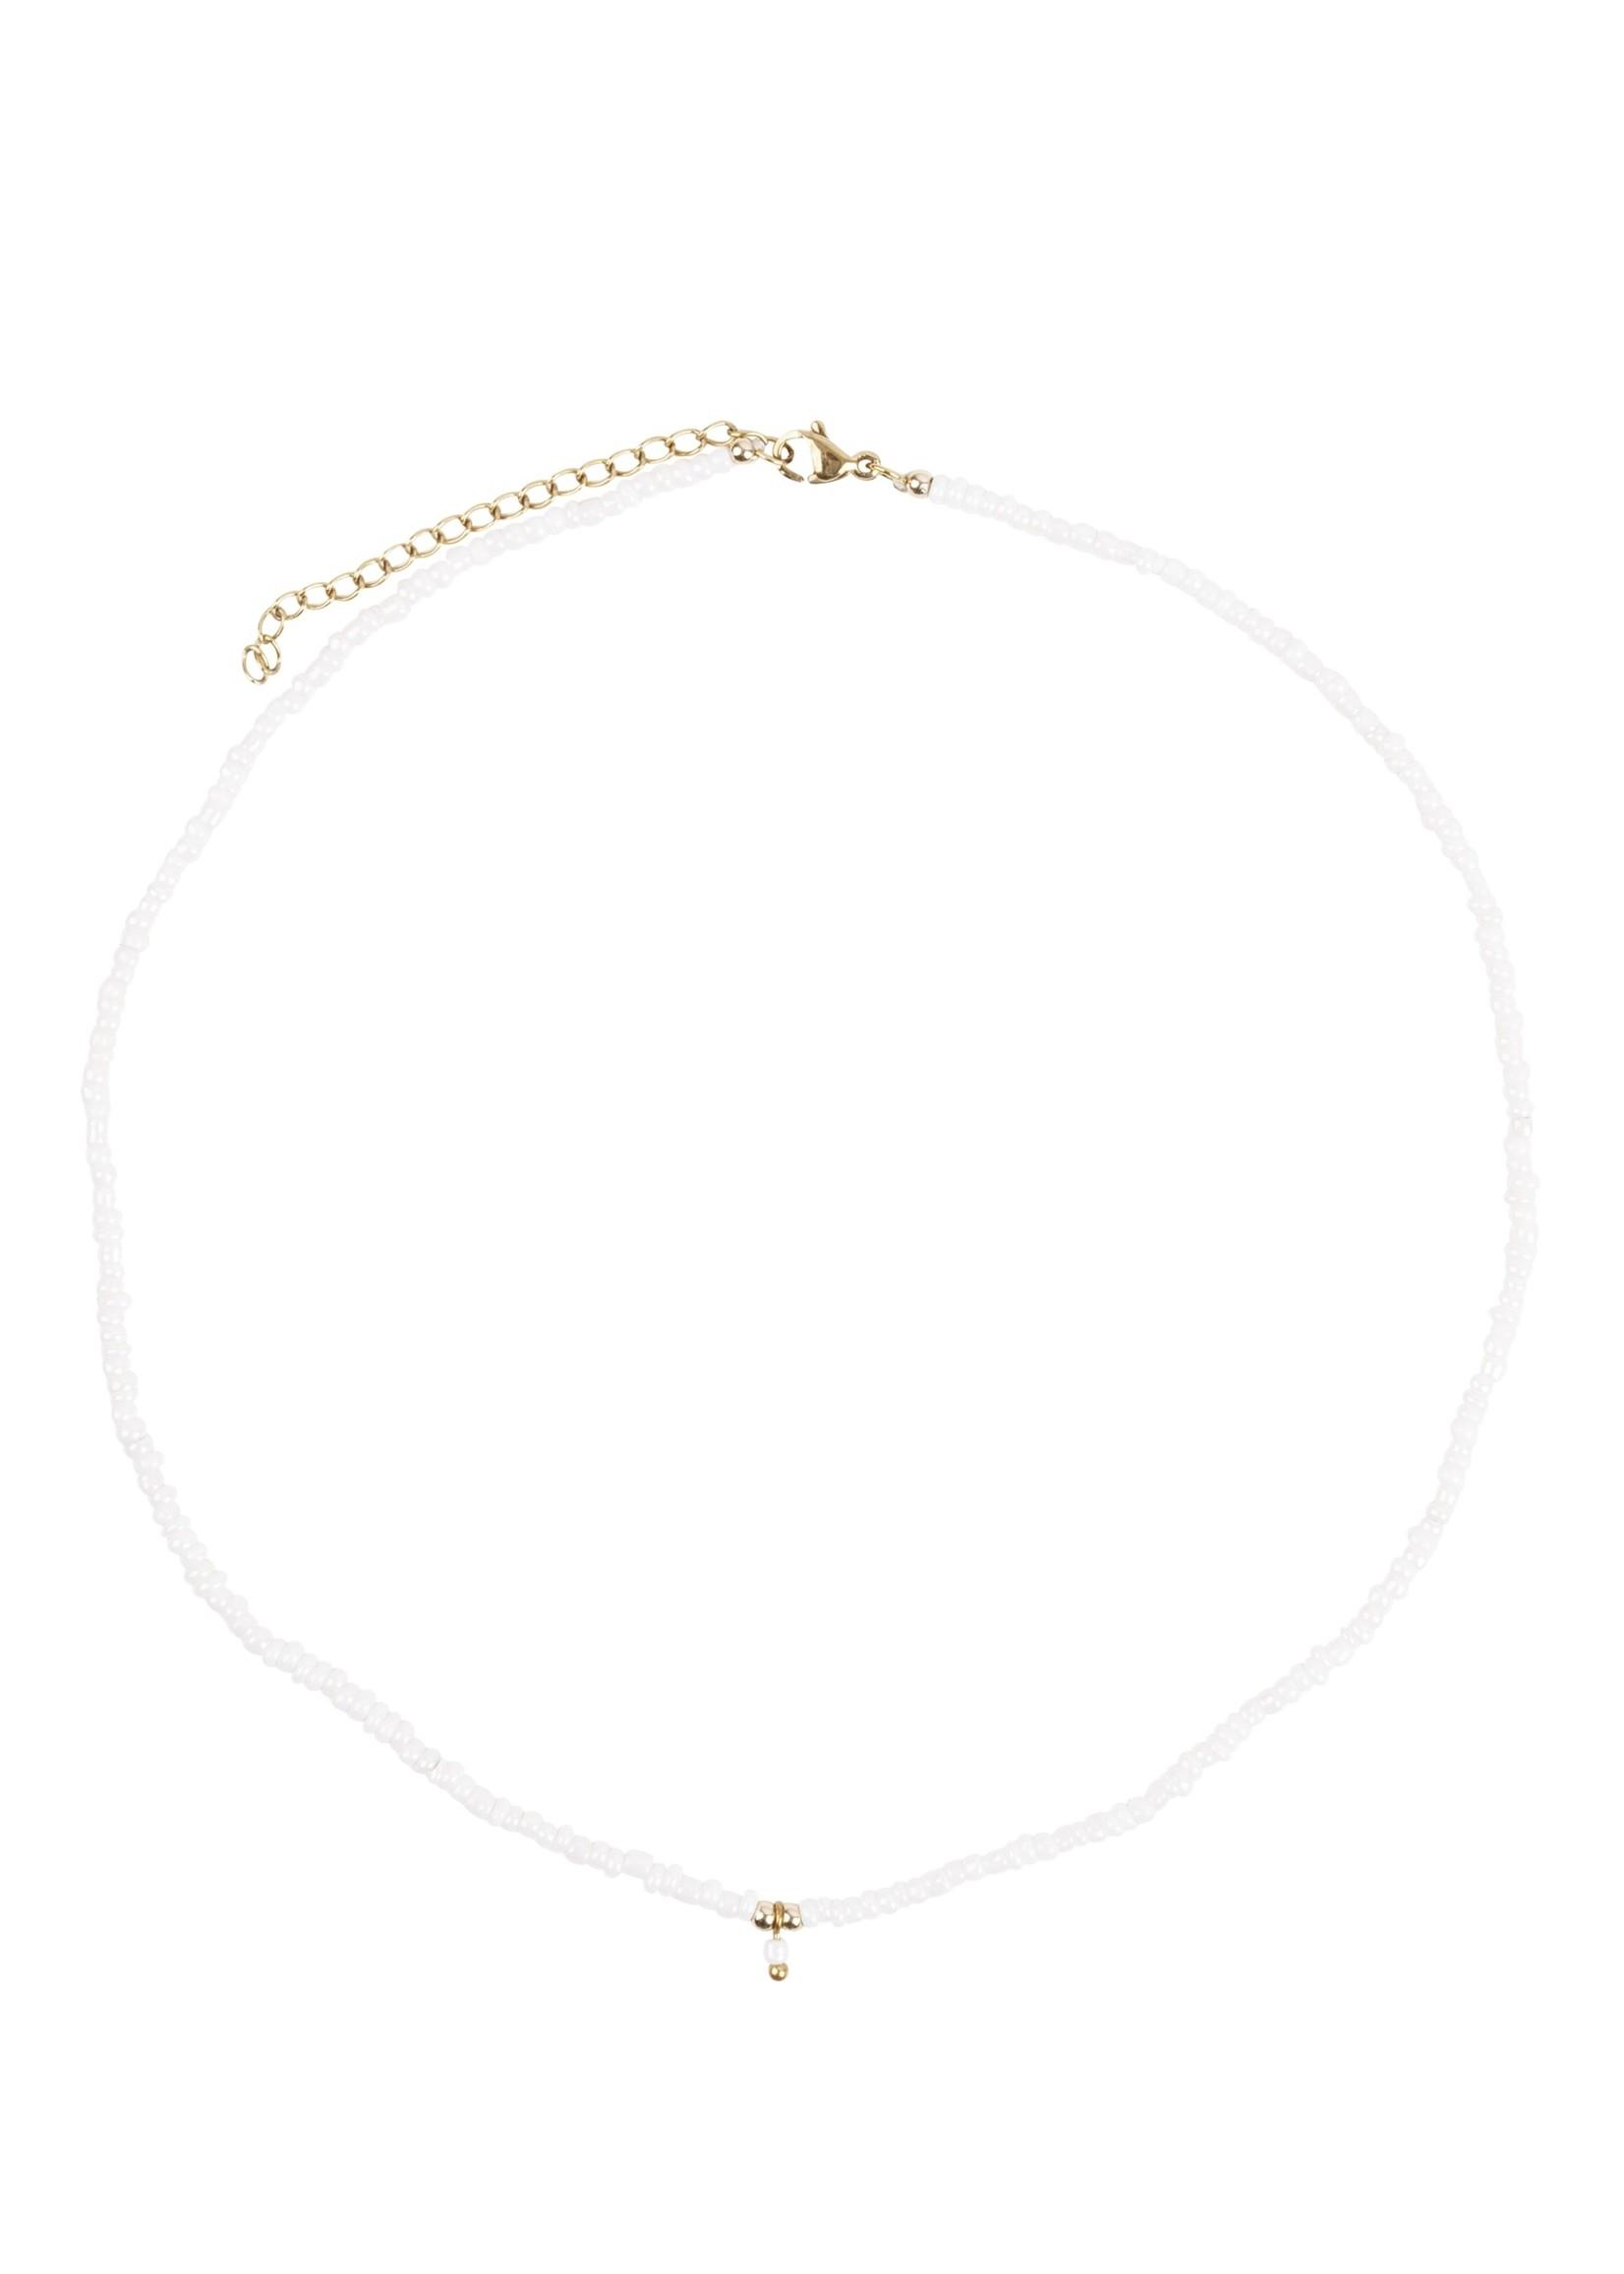 ZUSSS ketting met kraaltjes wit/goud